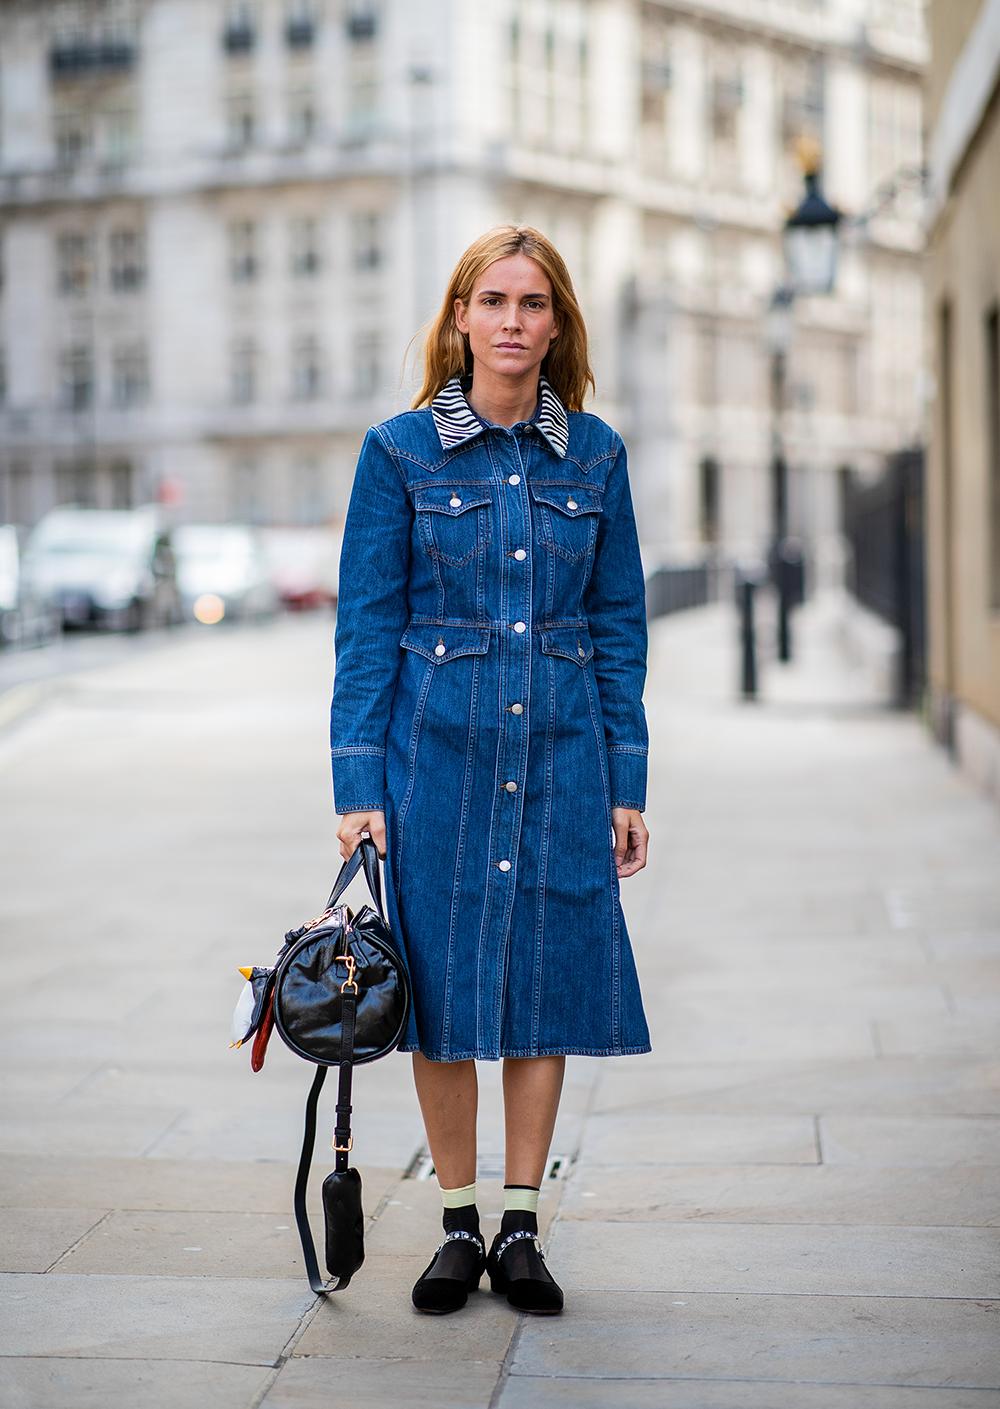 online store b0656 29cd8 Vestiti Primavera Estate 2019: i modelli di jeans tendenza ...